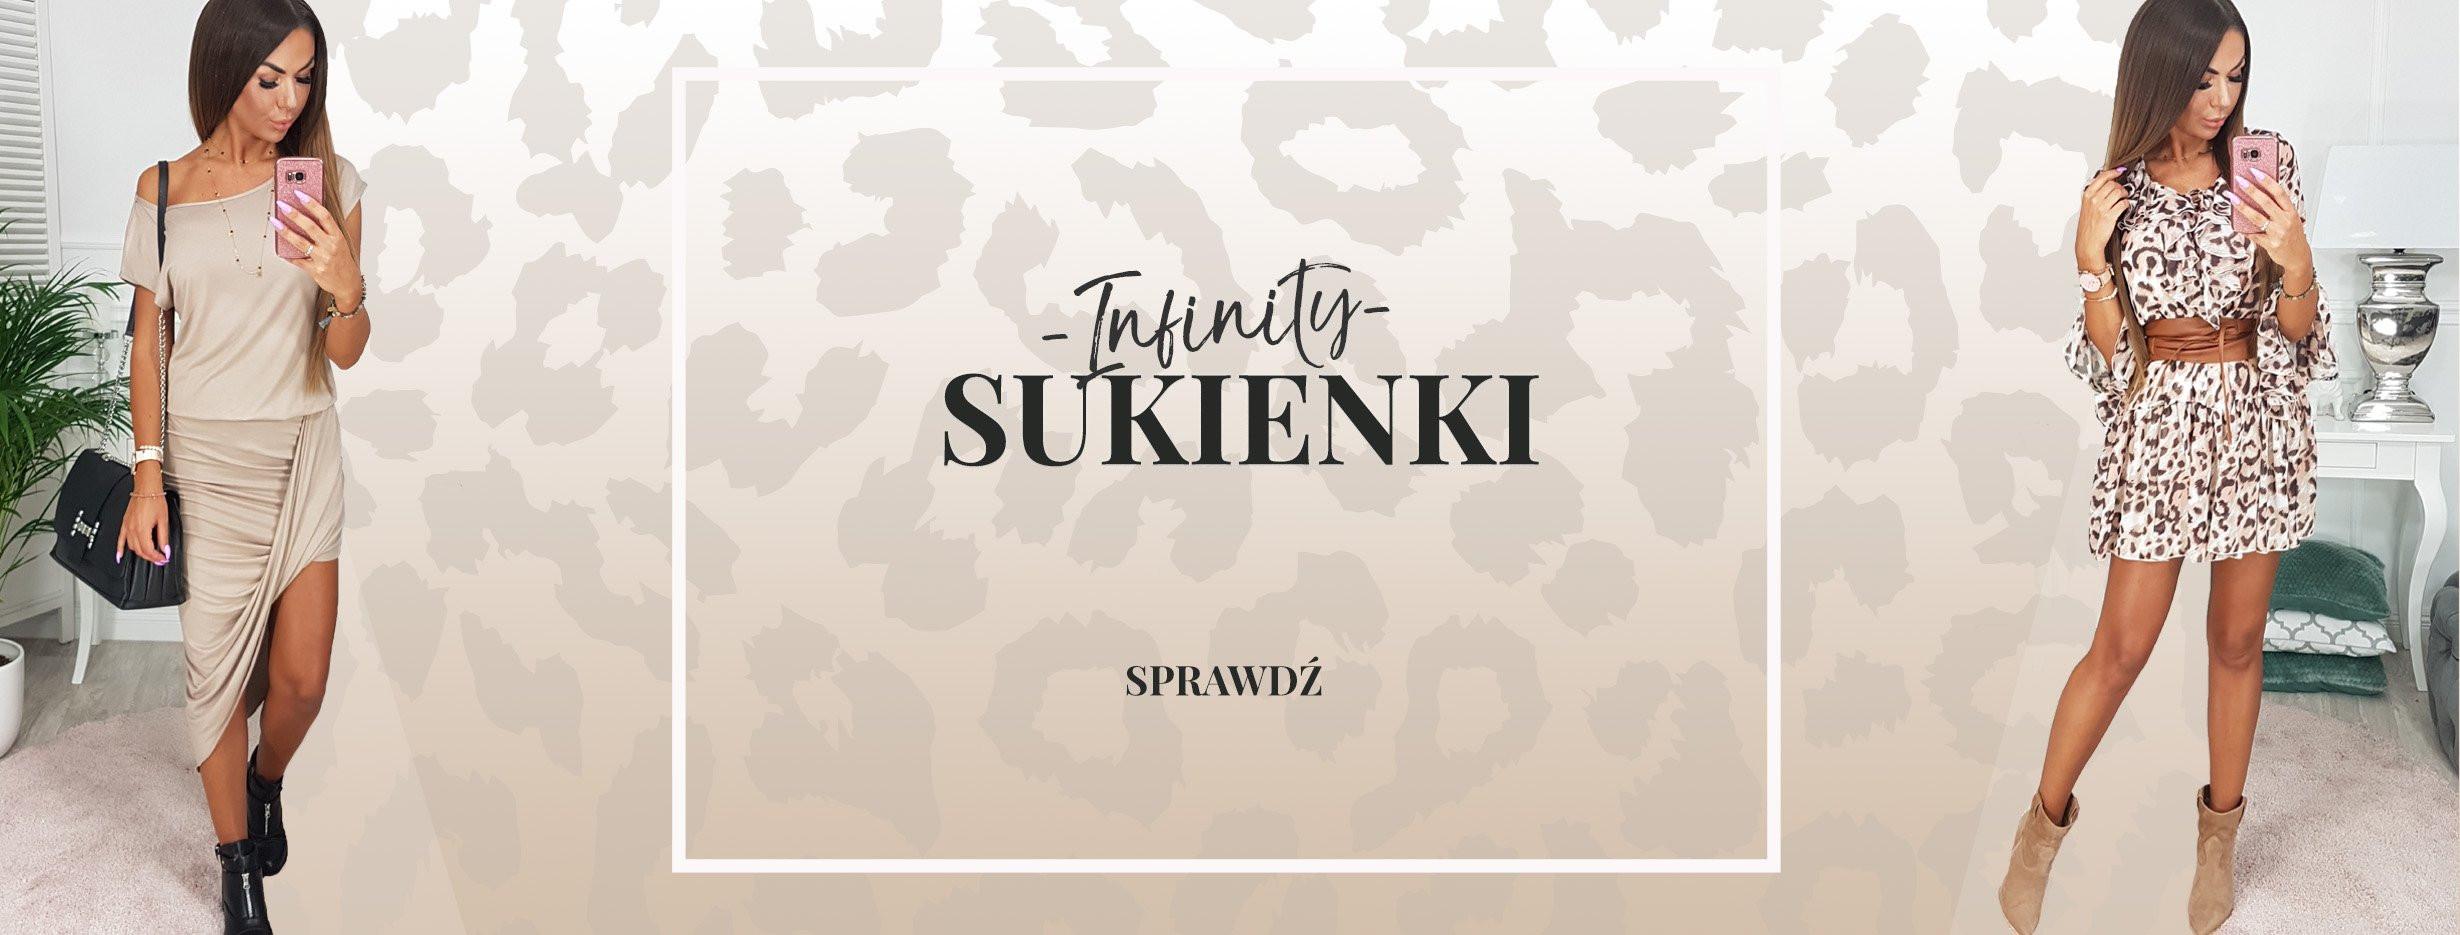 /thumbs/autoxauto/2018-08::1534273198-sukienki1.jpg